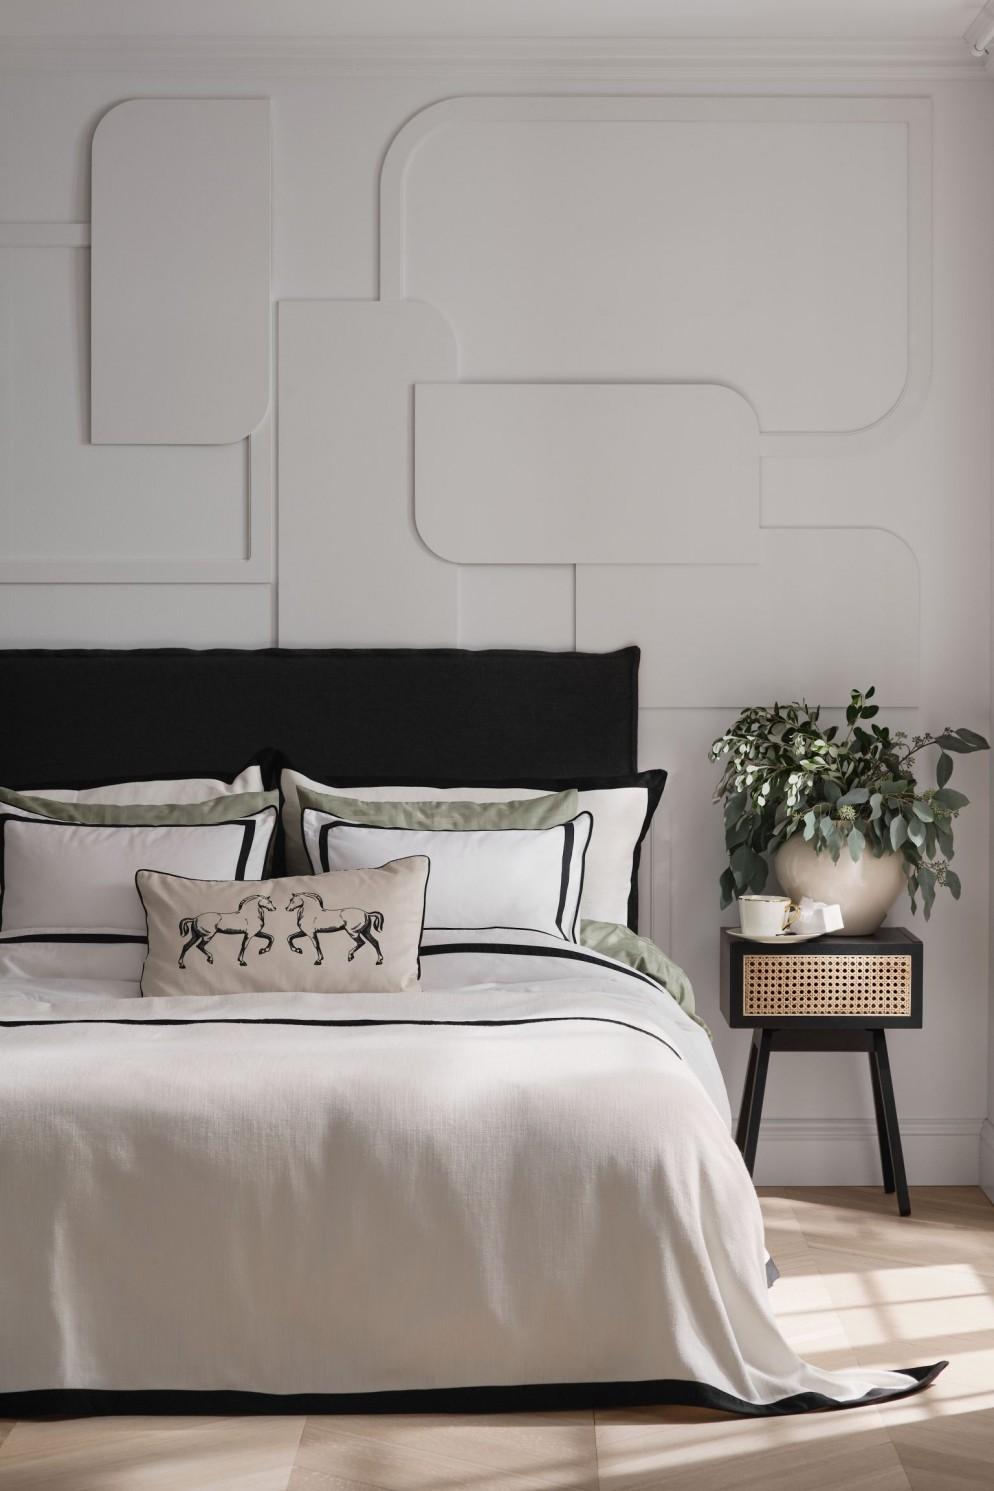 arredare-casa-pareti-bianche-5-hm-home